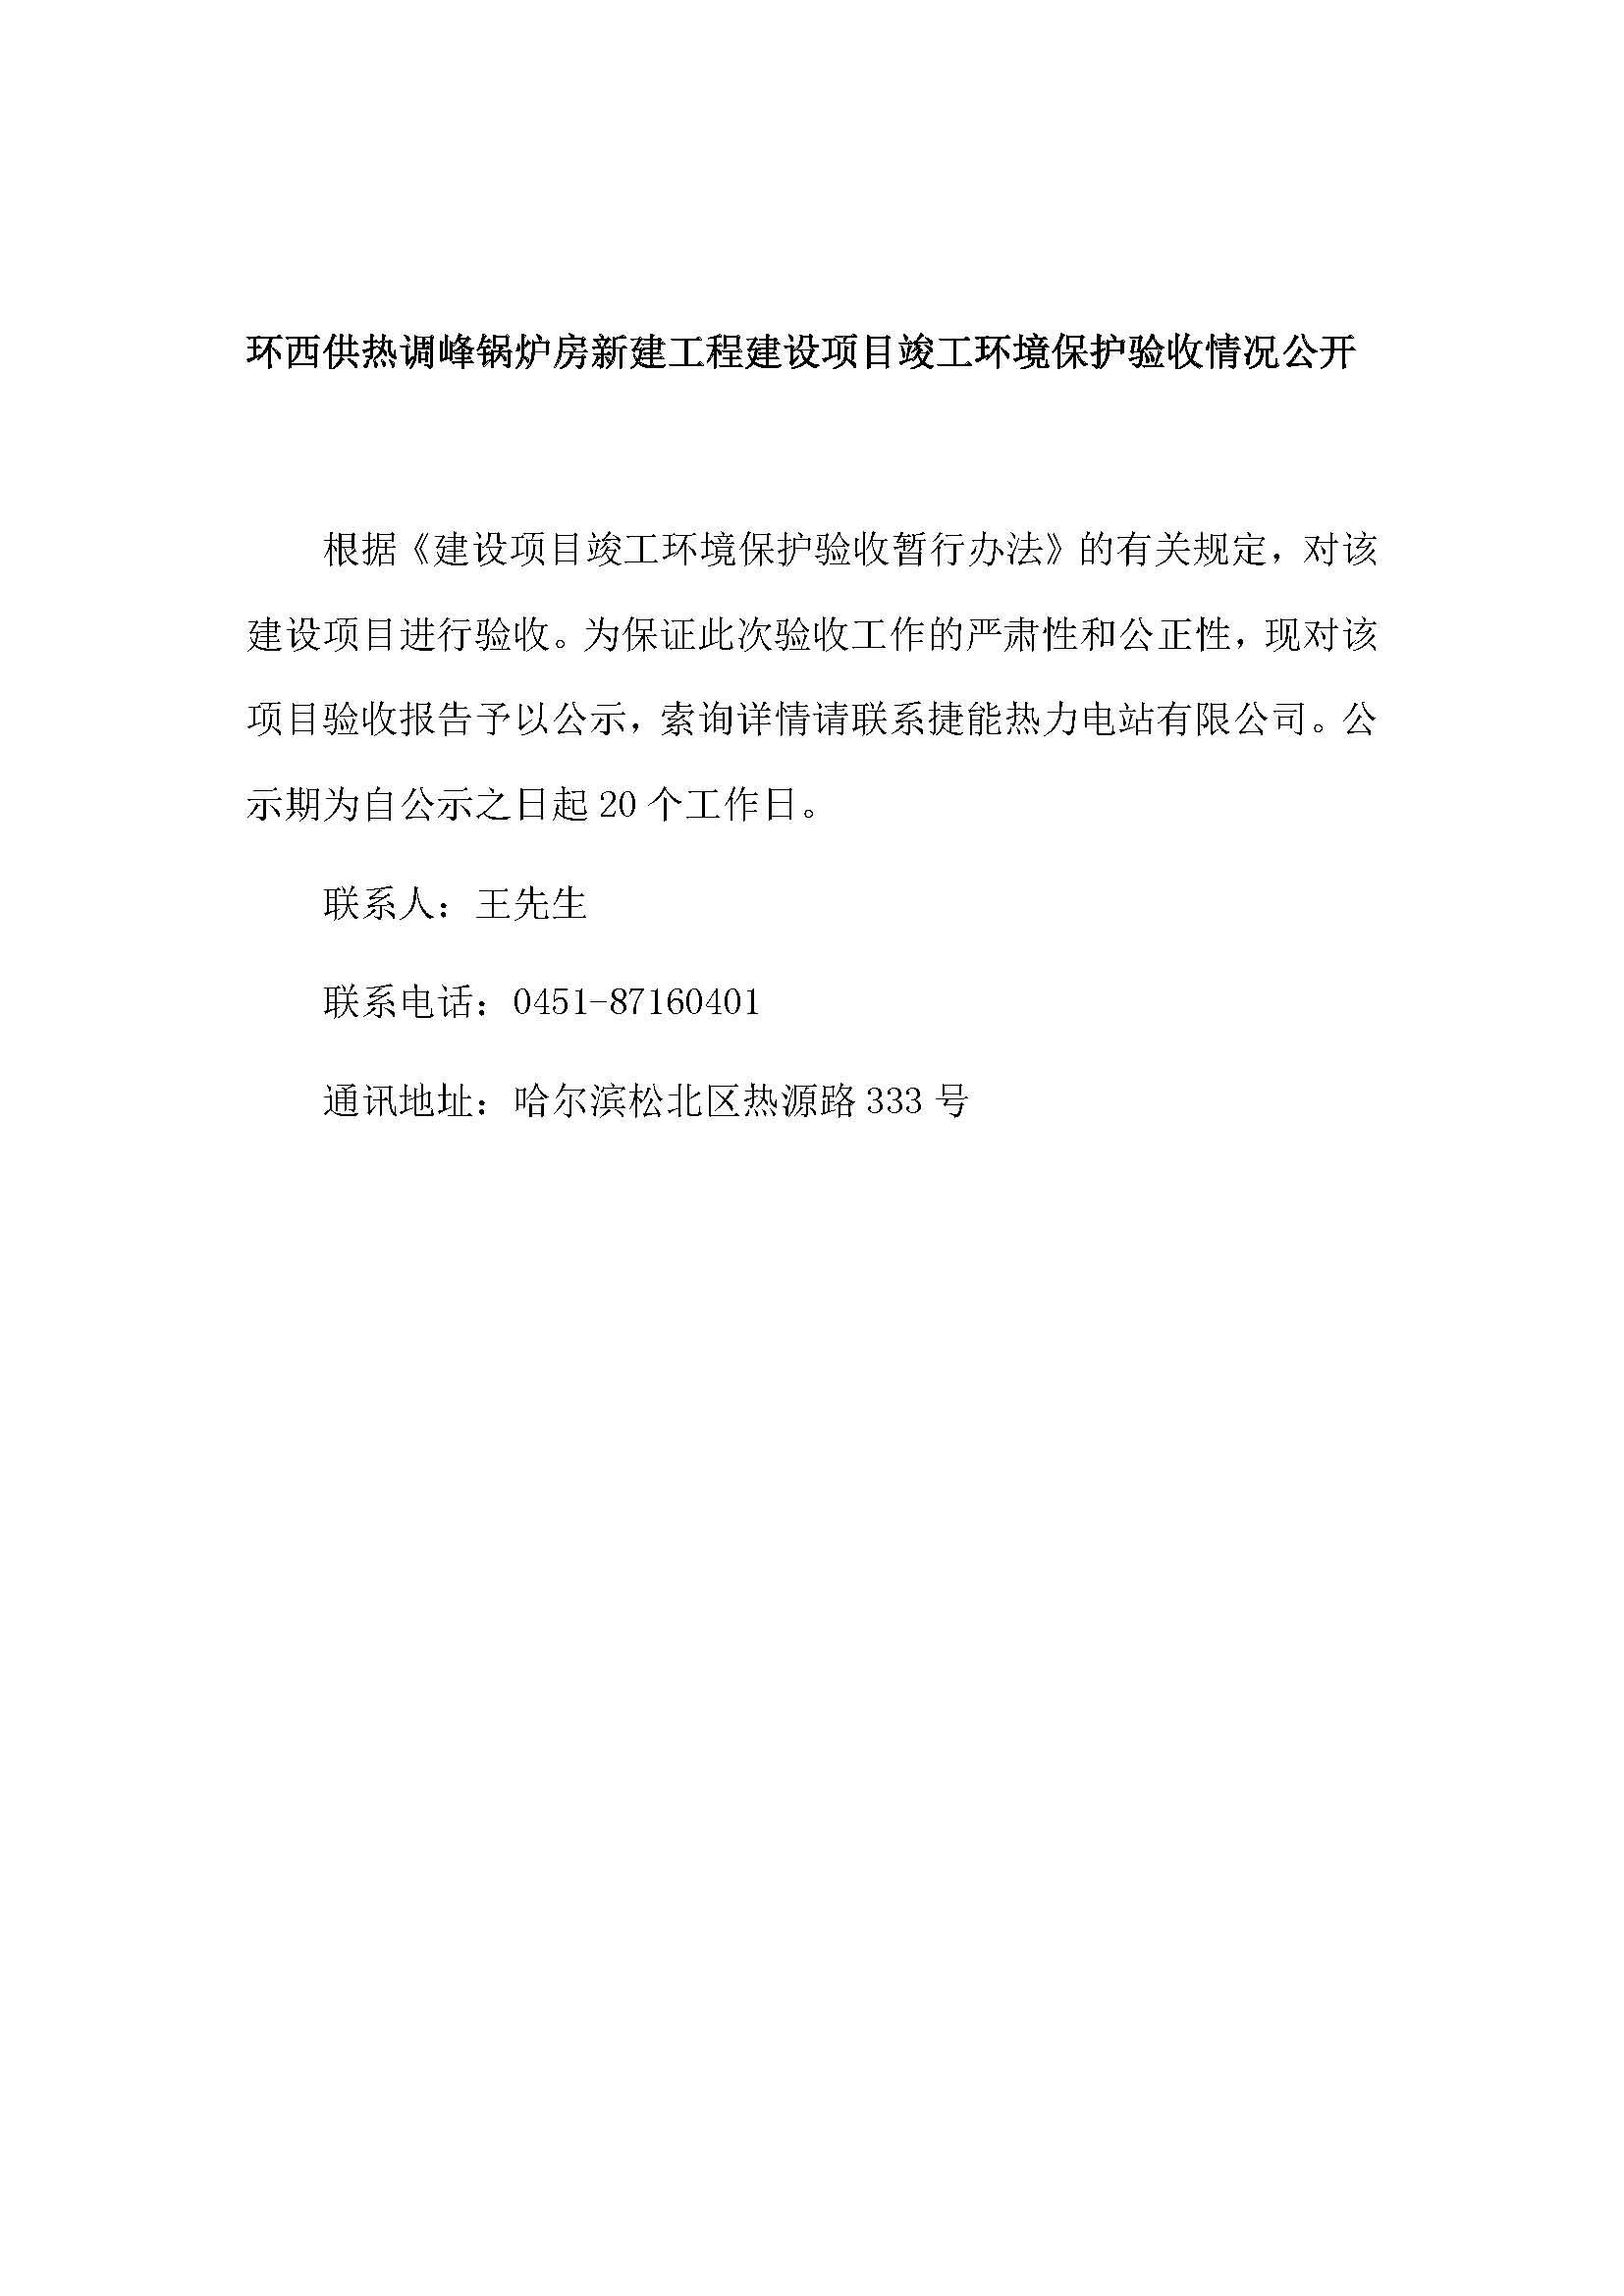 01  西供热调峰锅炉房新建工程建设项目环境监测验收报告_页面_001.jpg